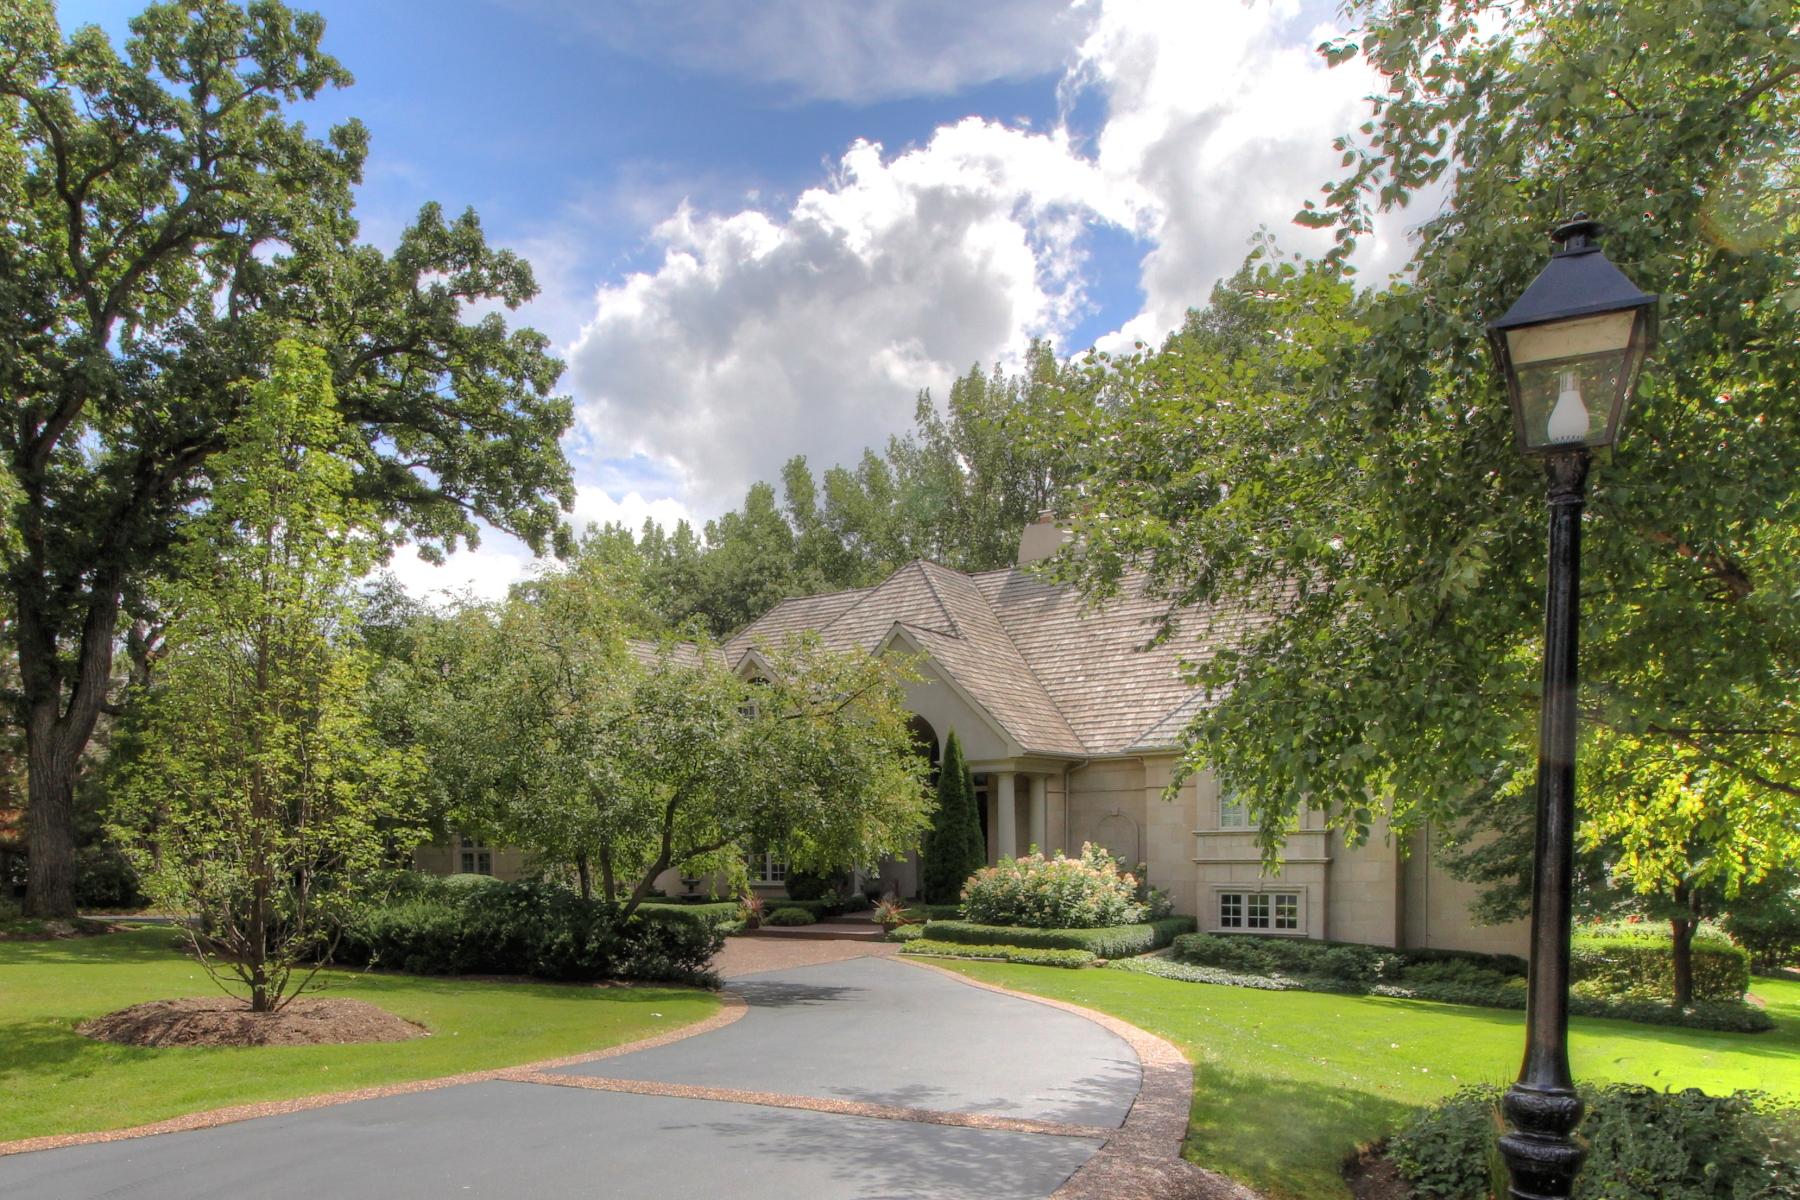 Einfamilienhaus für Verkauf beim Private Cul-de-sac Home 162 North Wynstone Drive North Barrington, Illinois, 60010 Vereinigte Staaten